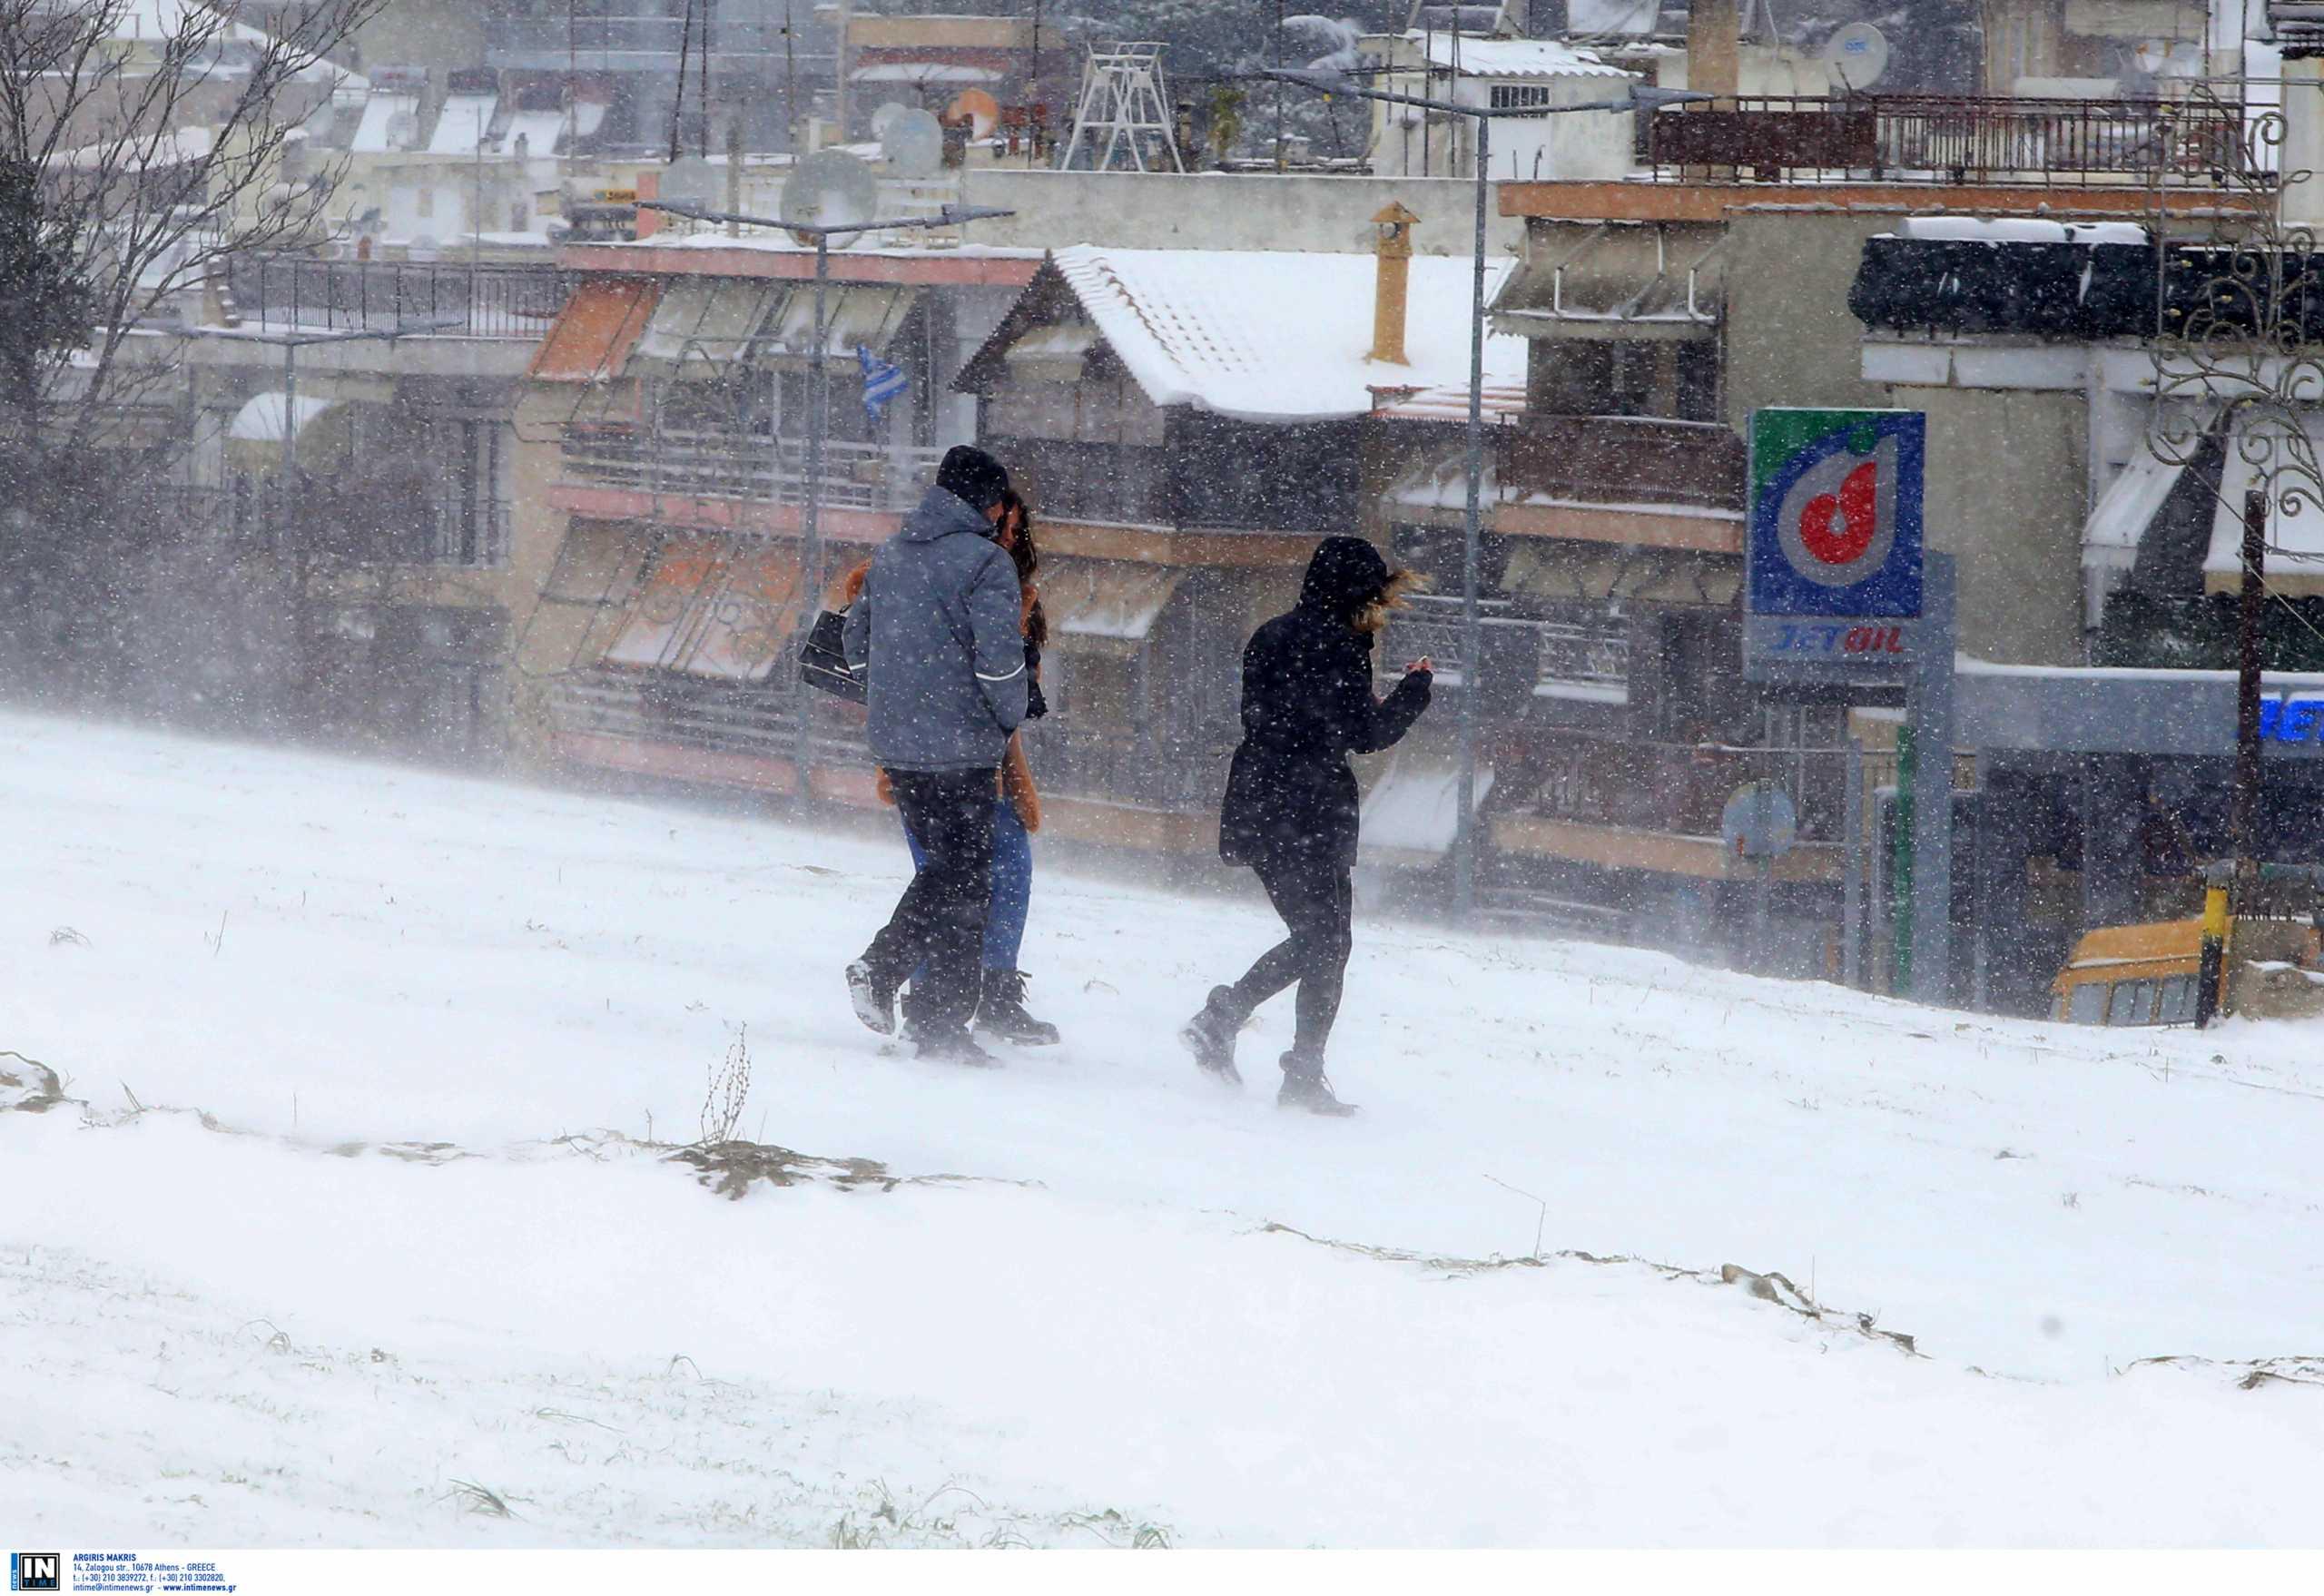 Καιρός – Αλεξανδρούπολη: Ποια σχολεία θα είναι κλειστά την Τετάρτη